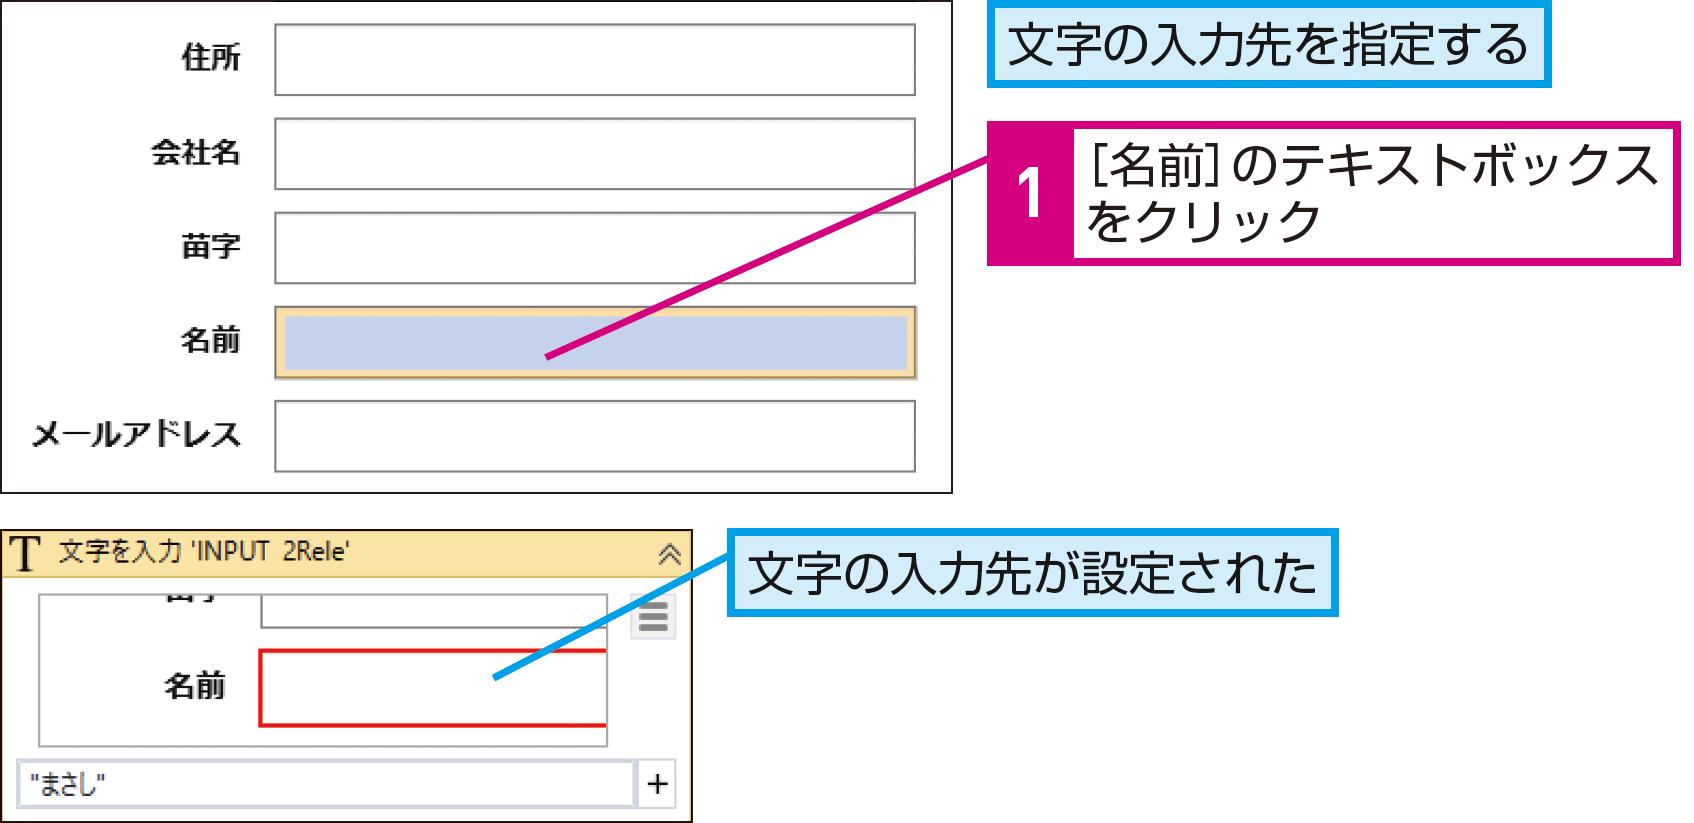 近くの要素を手がかりに特定要素を操作するには(アンカーベース、相対要素) - できるUiPath